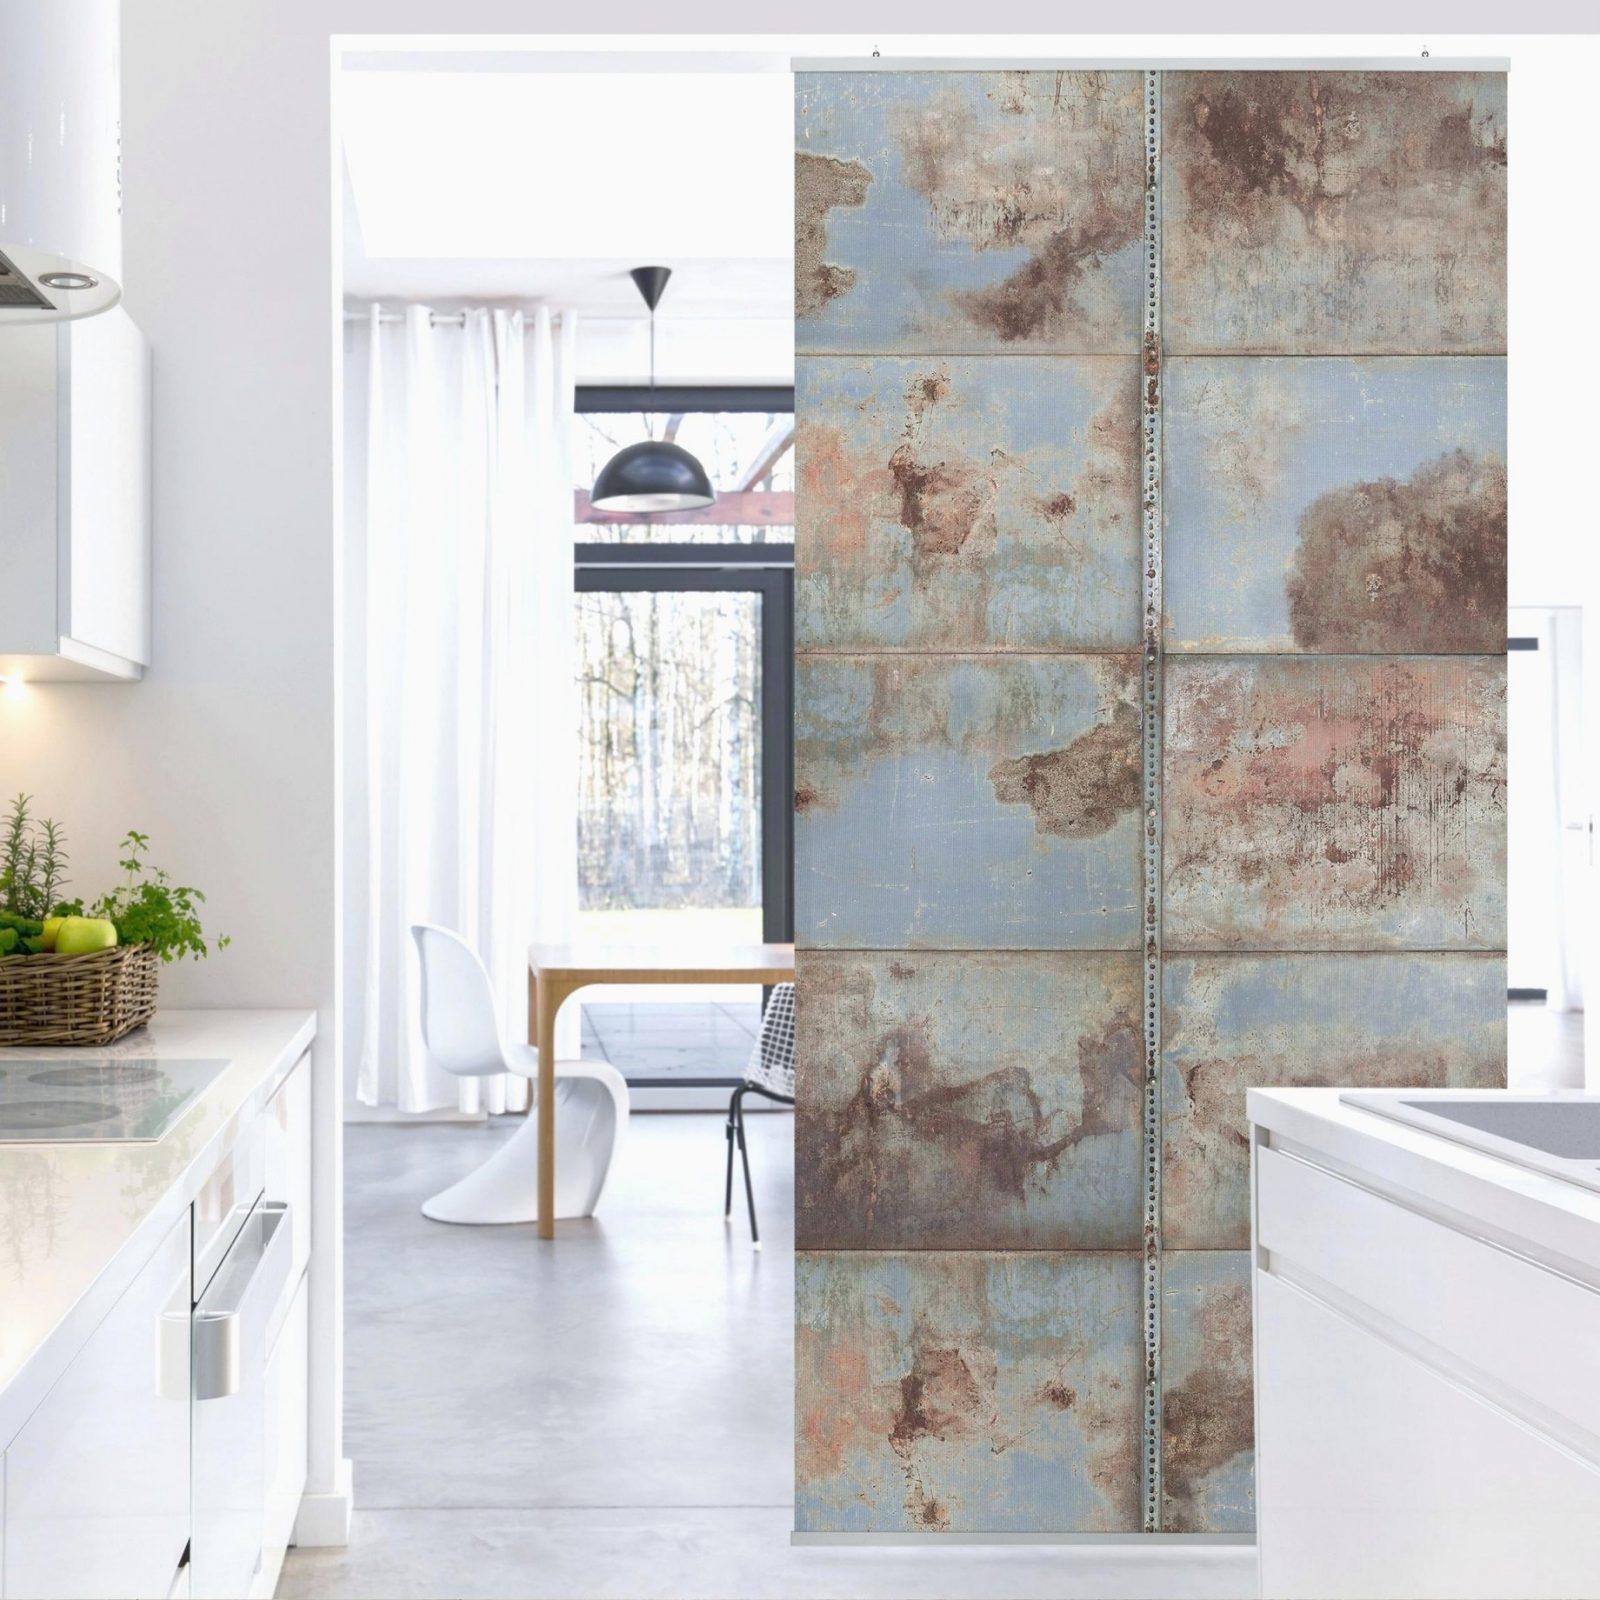 Raumteiler Vorhang Selber Machen Erstaunlich Schön Bilder Von von Raumteiler Vorhang Selber Machen Bild